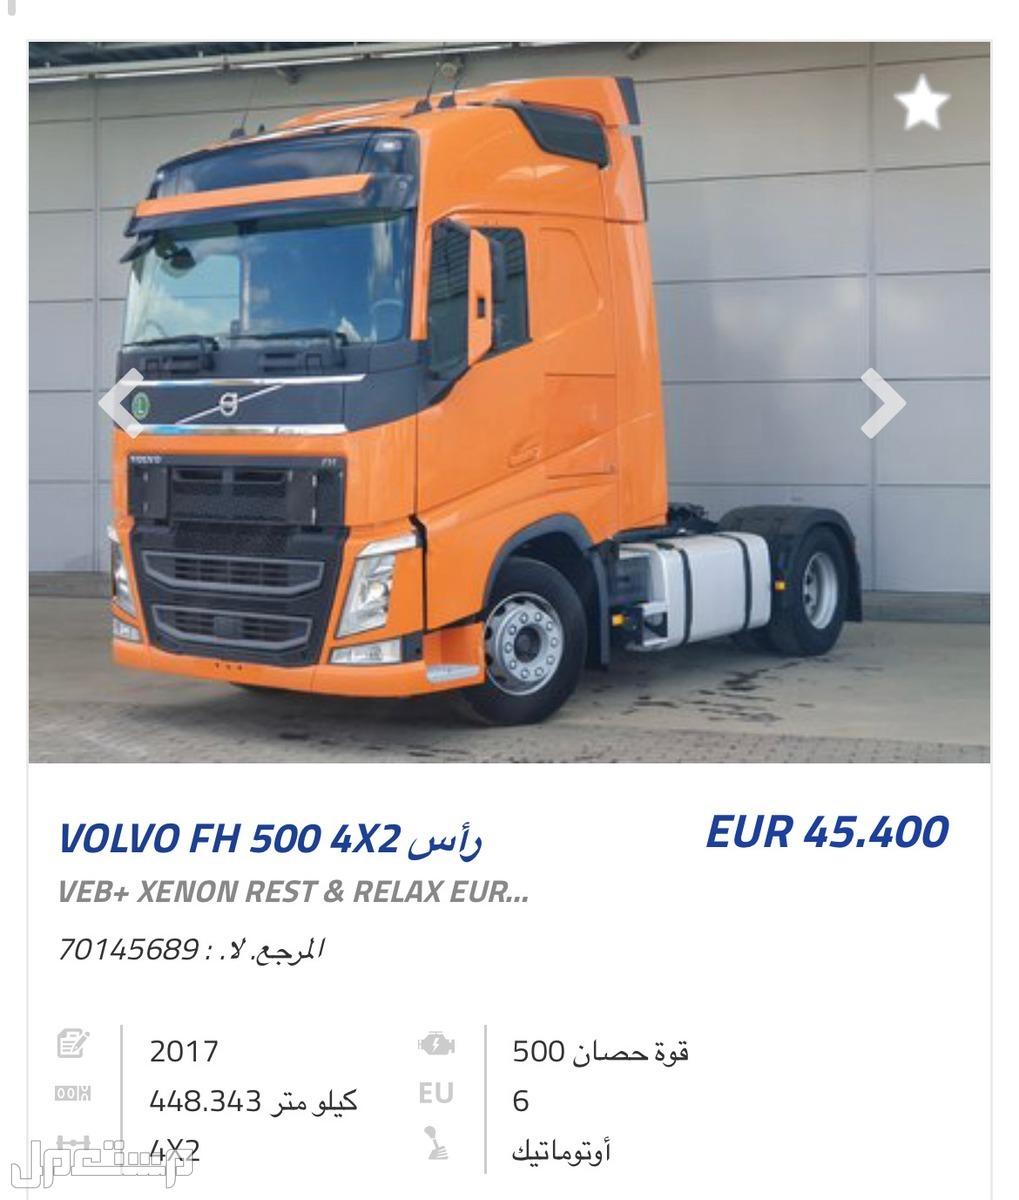 للبيع شاحنات فولفو الماني بافضل الاسعار